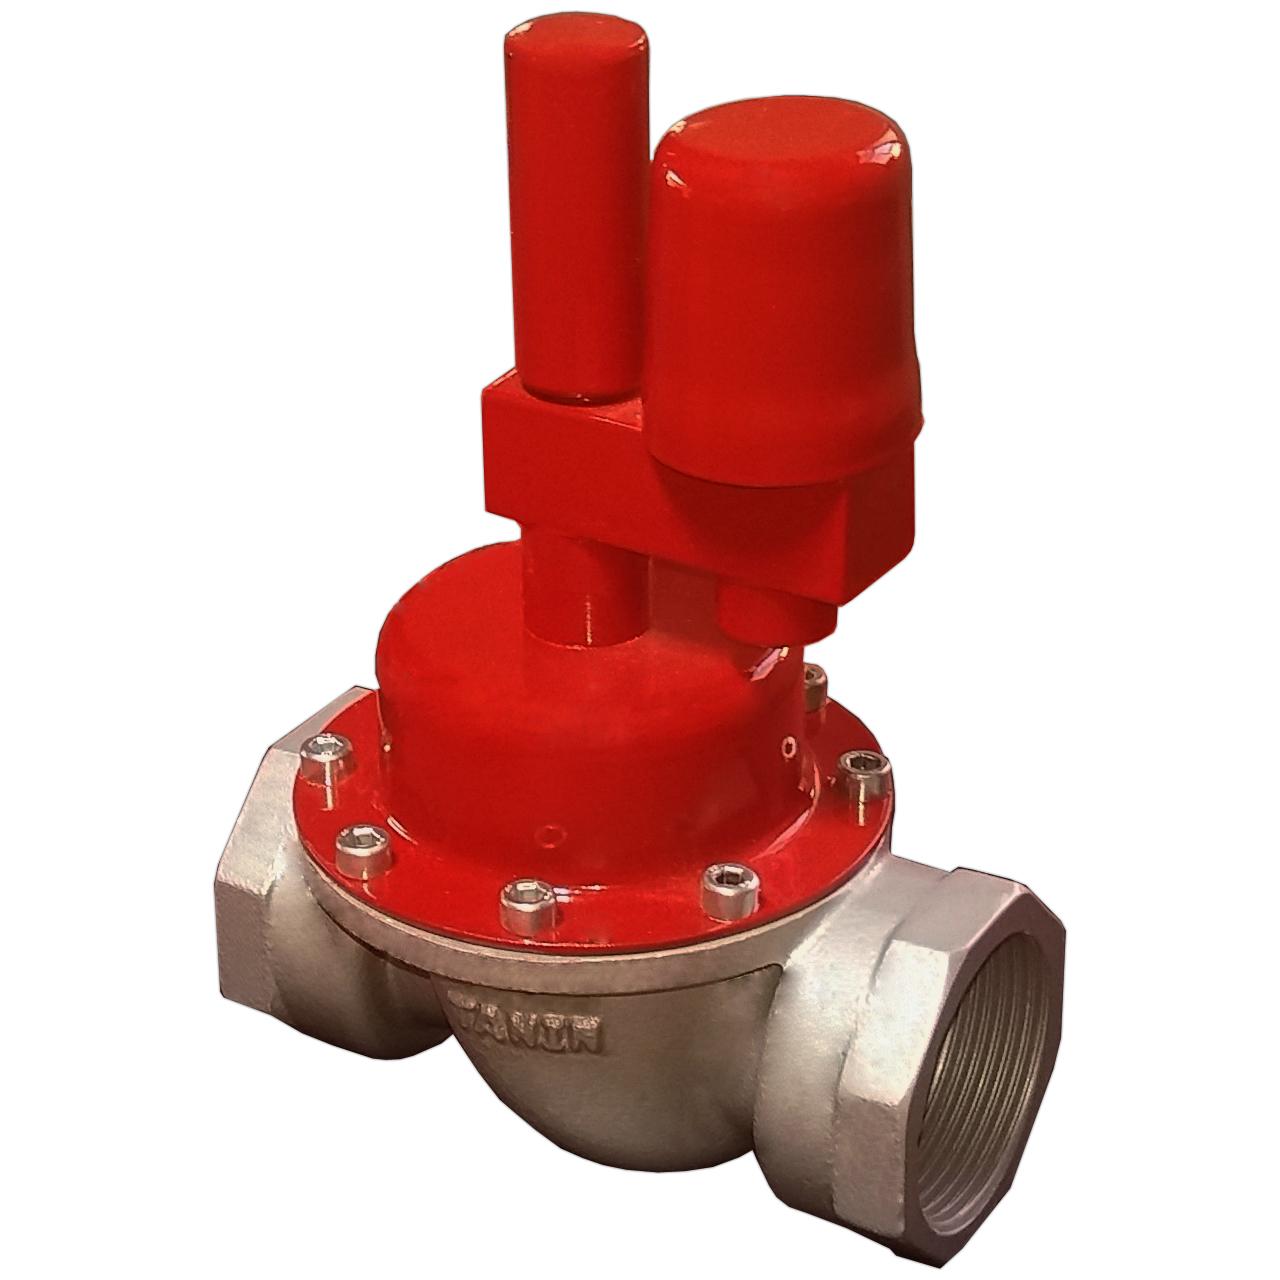 دستگاه قطع کن اتوماتیک جریان گاز طنین توسعه پارس مدل H11/2E2P